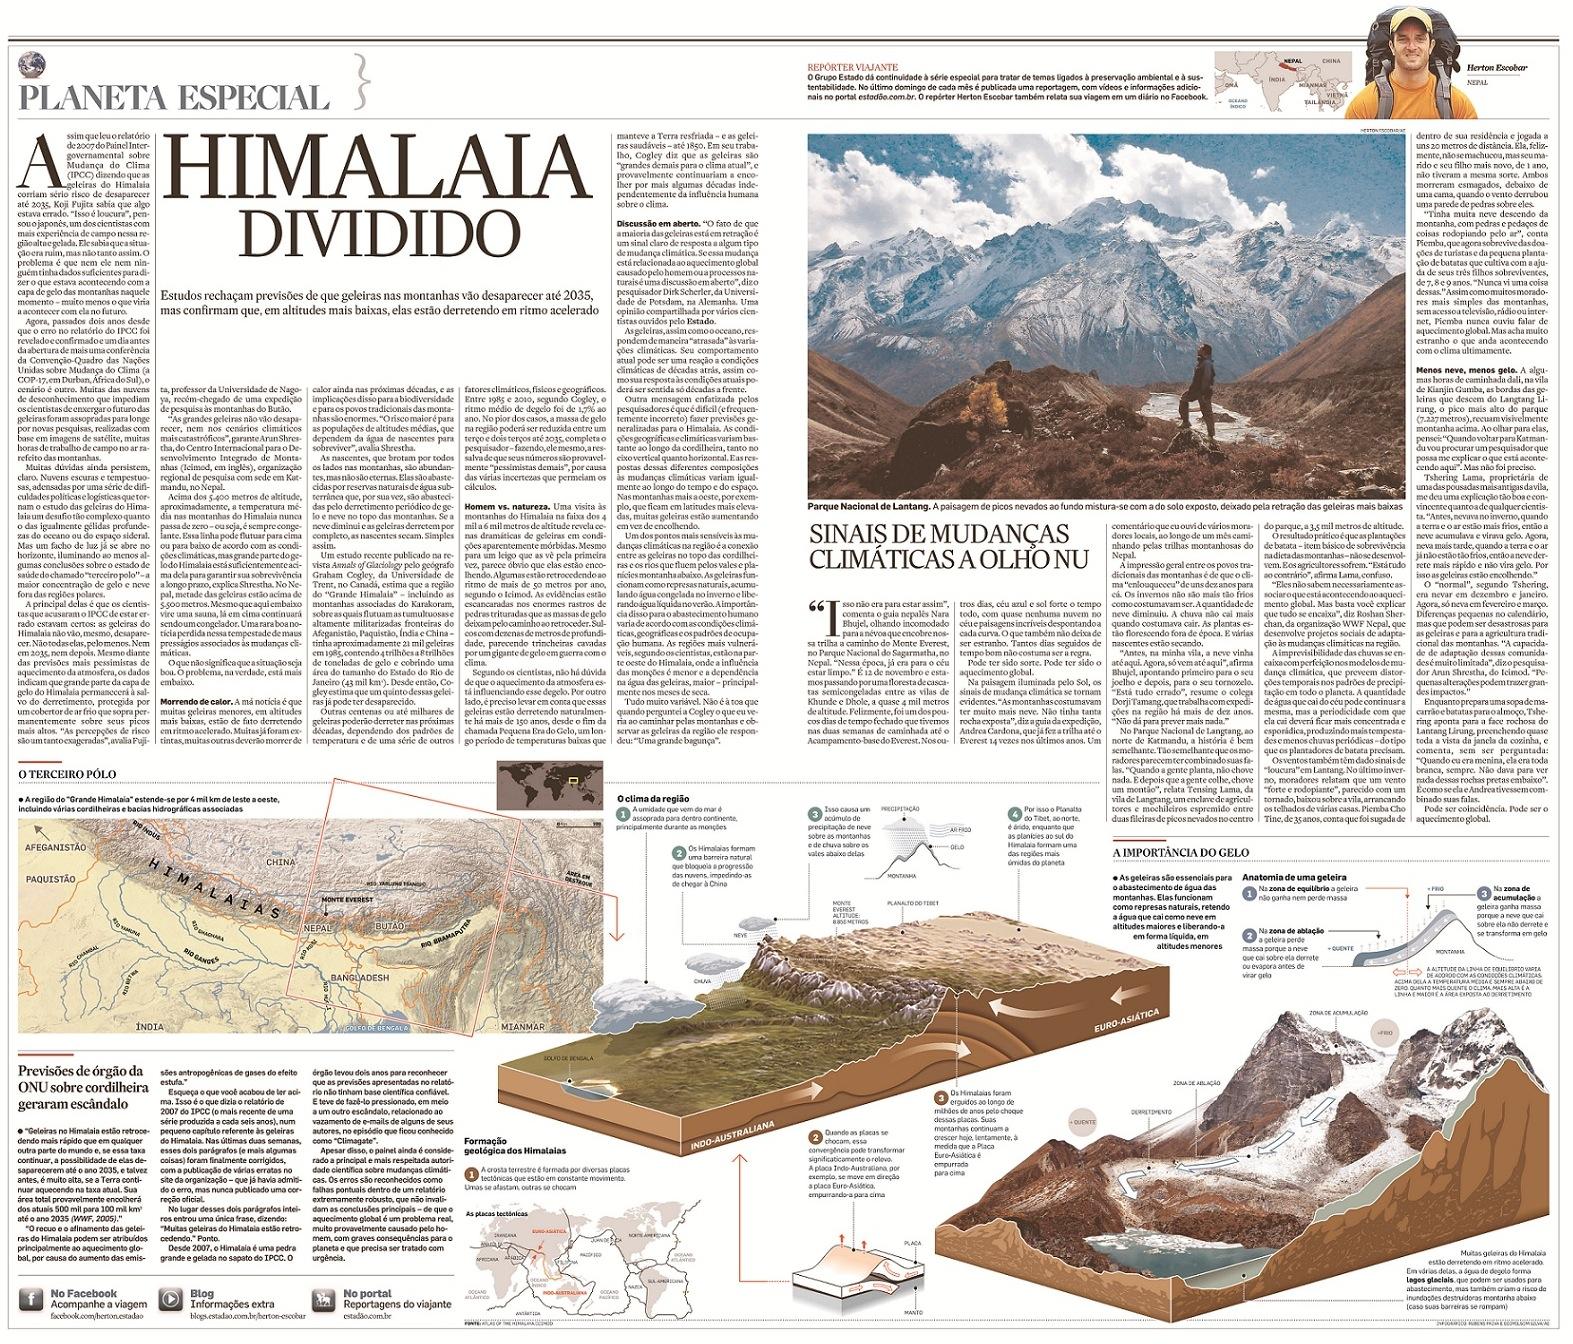 Repórter Viajante: Himalaia Dividido - O aquecimento global e as geleiras